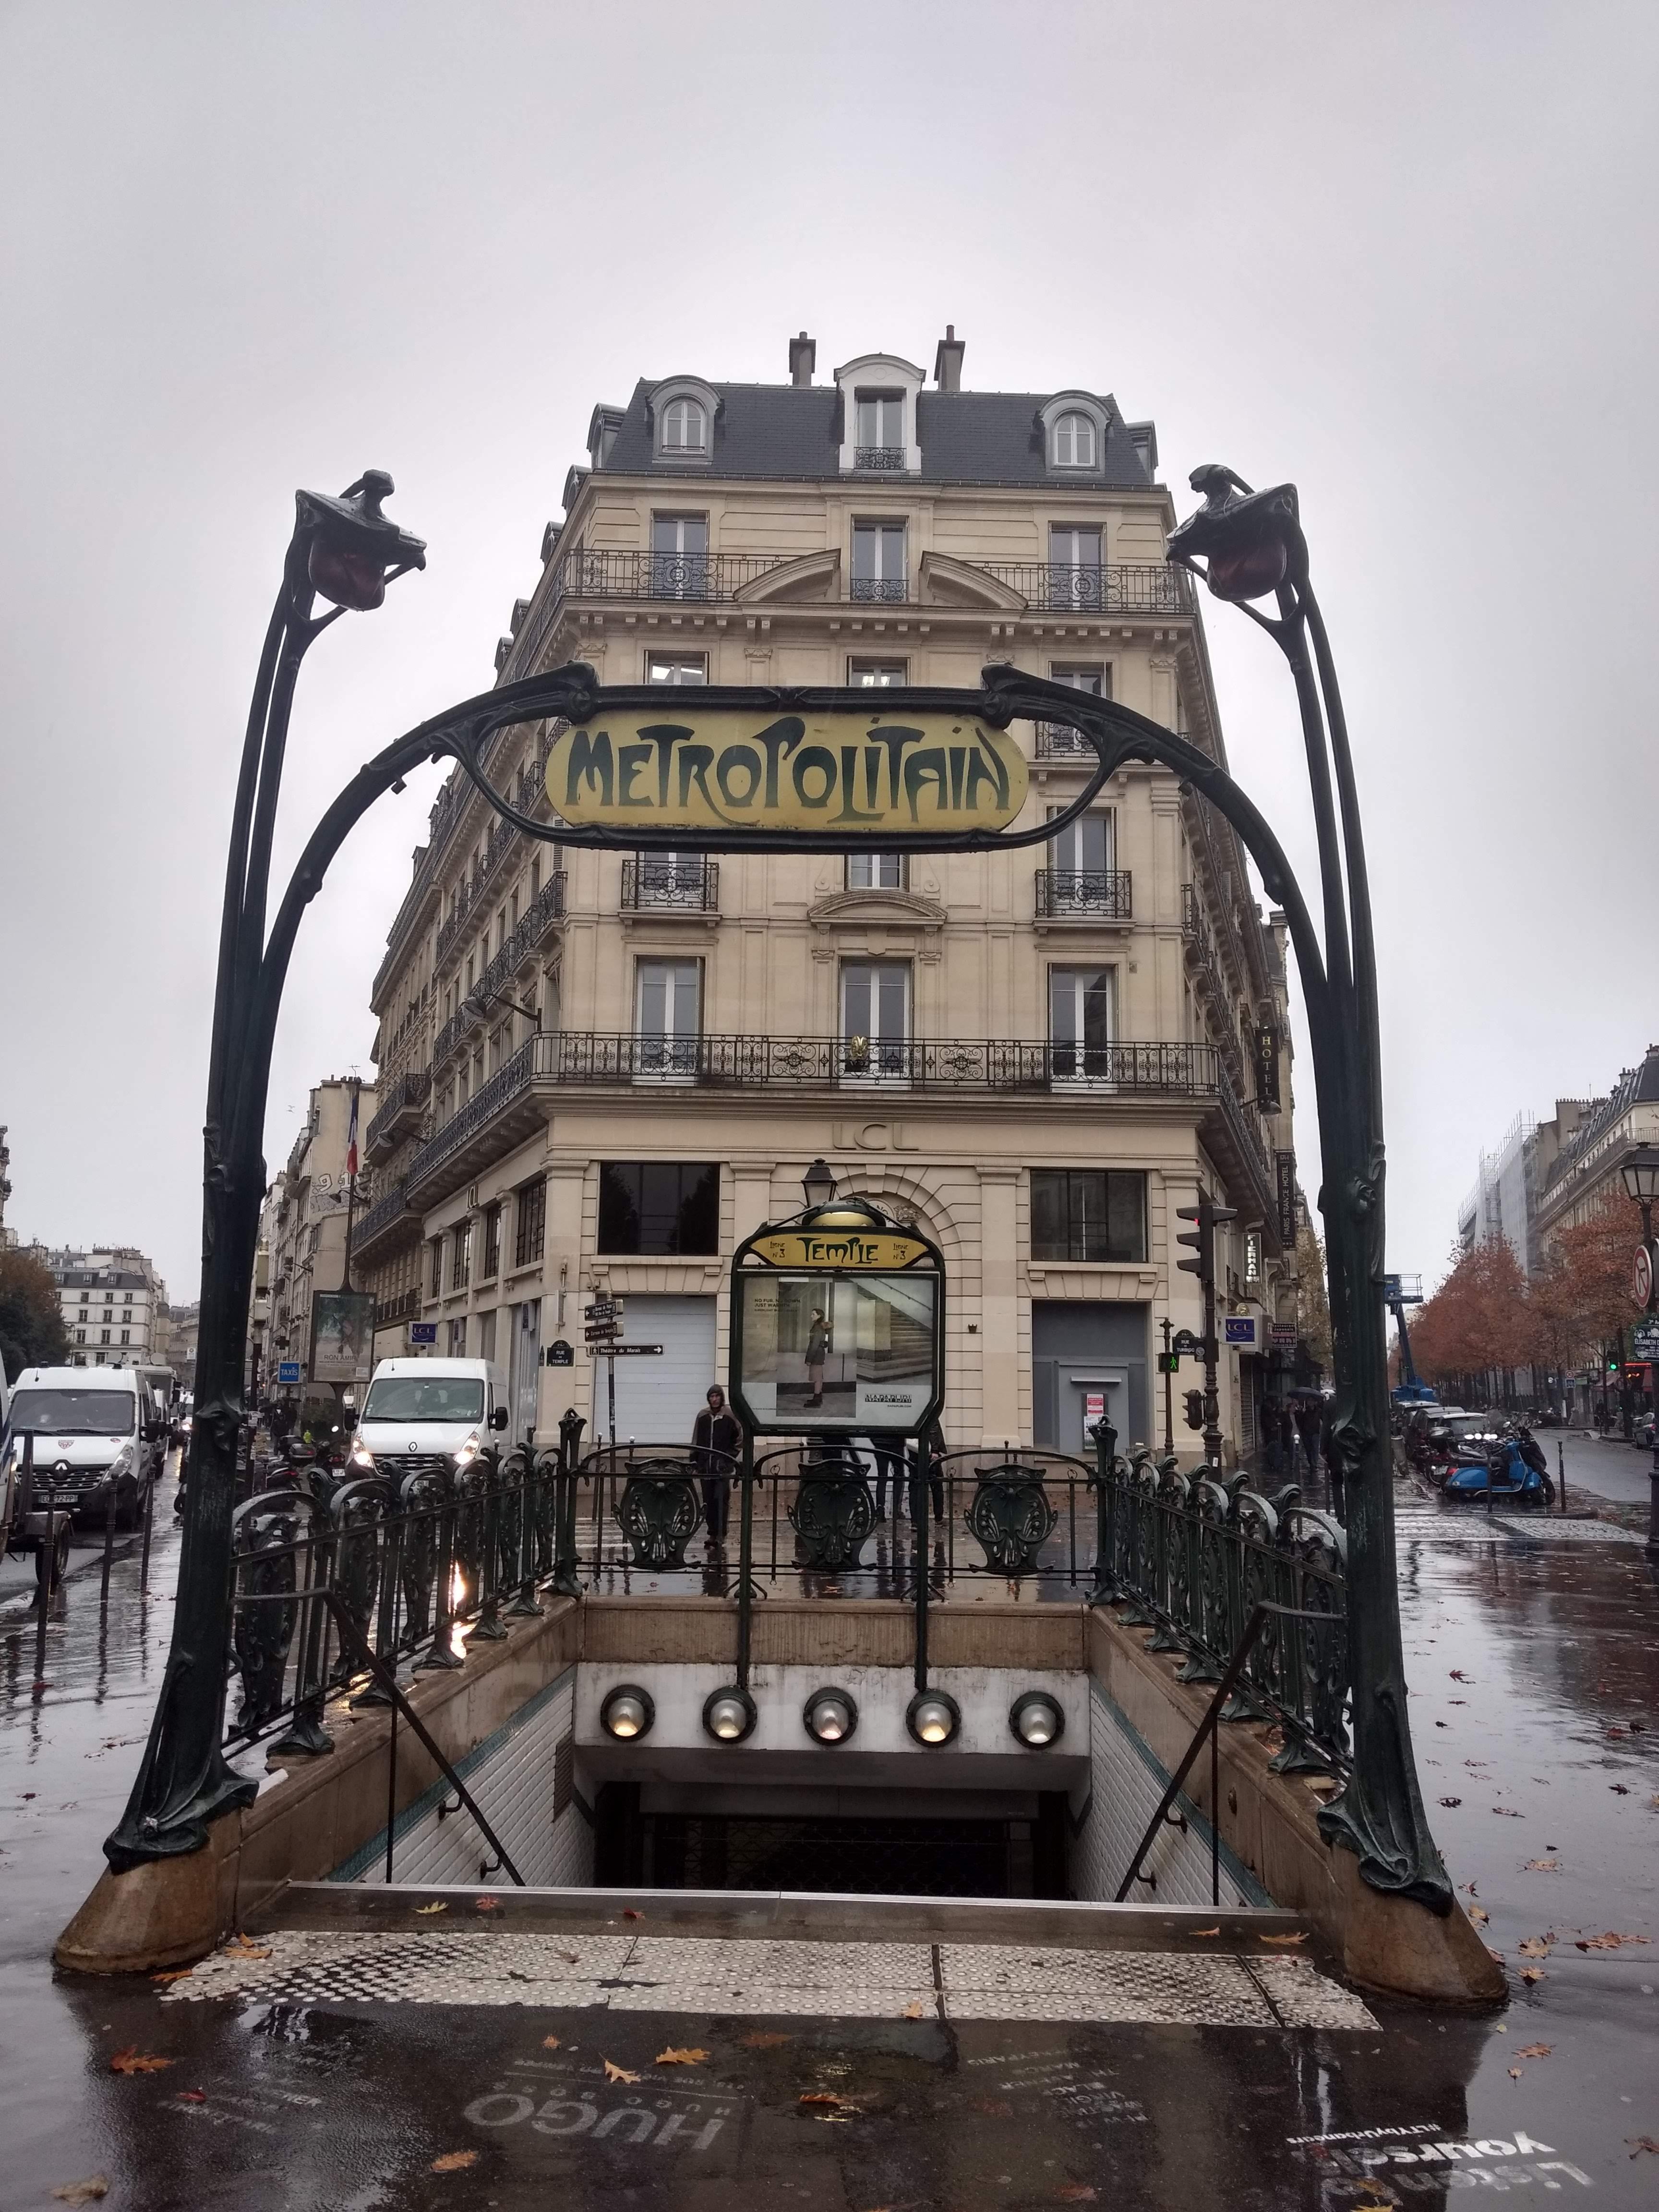 Art Nouveau Paris Metro sign, rainy pavement, stone building in background